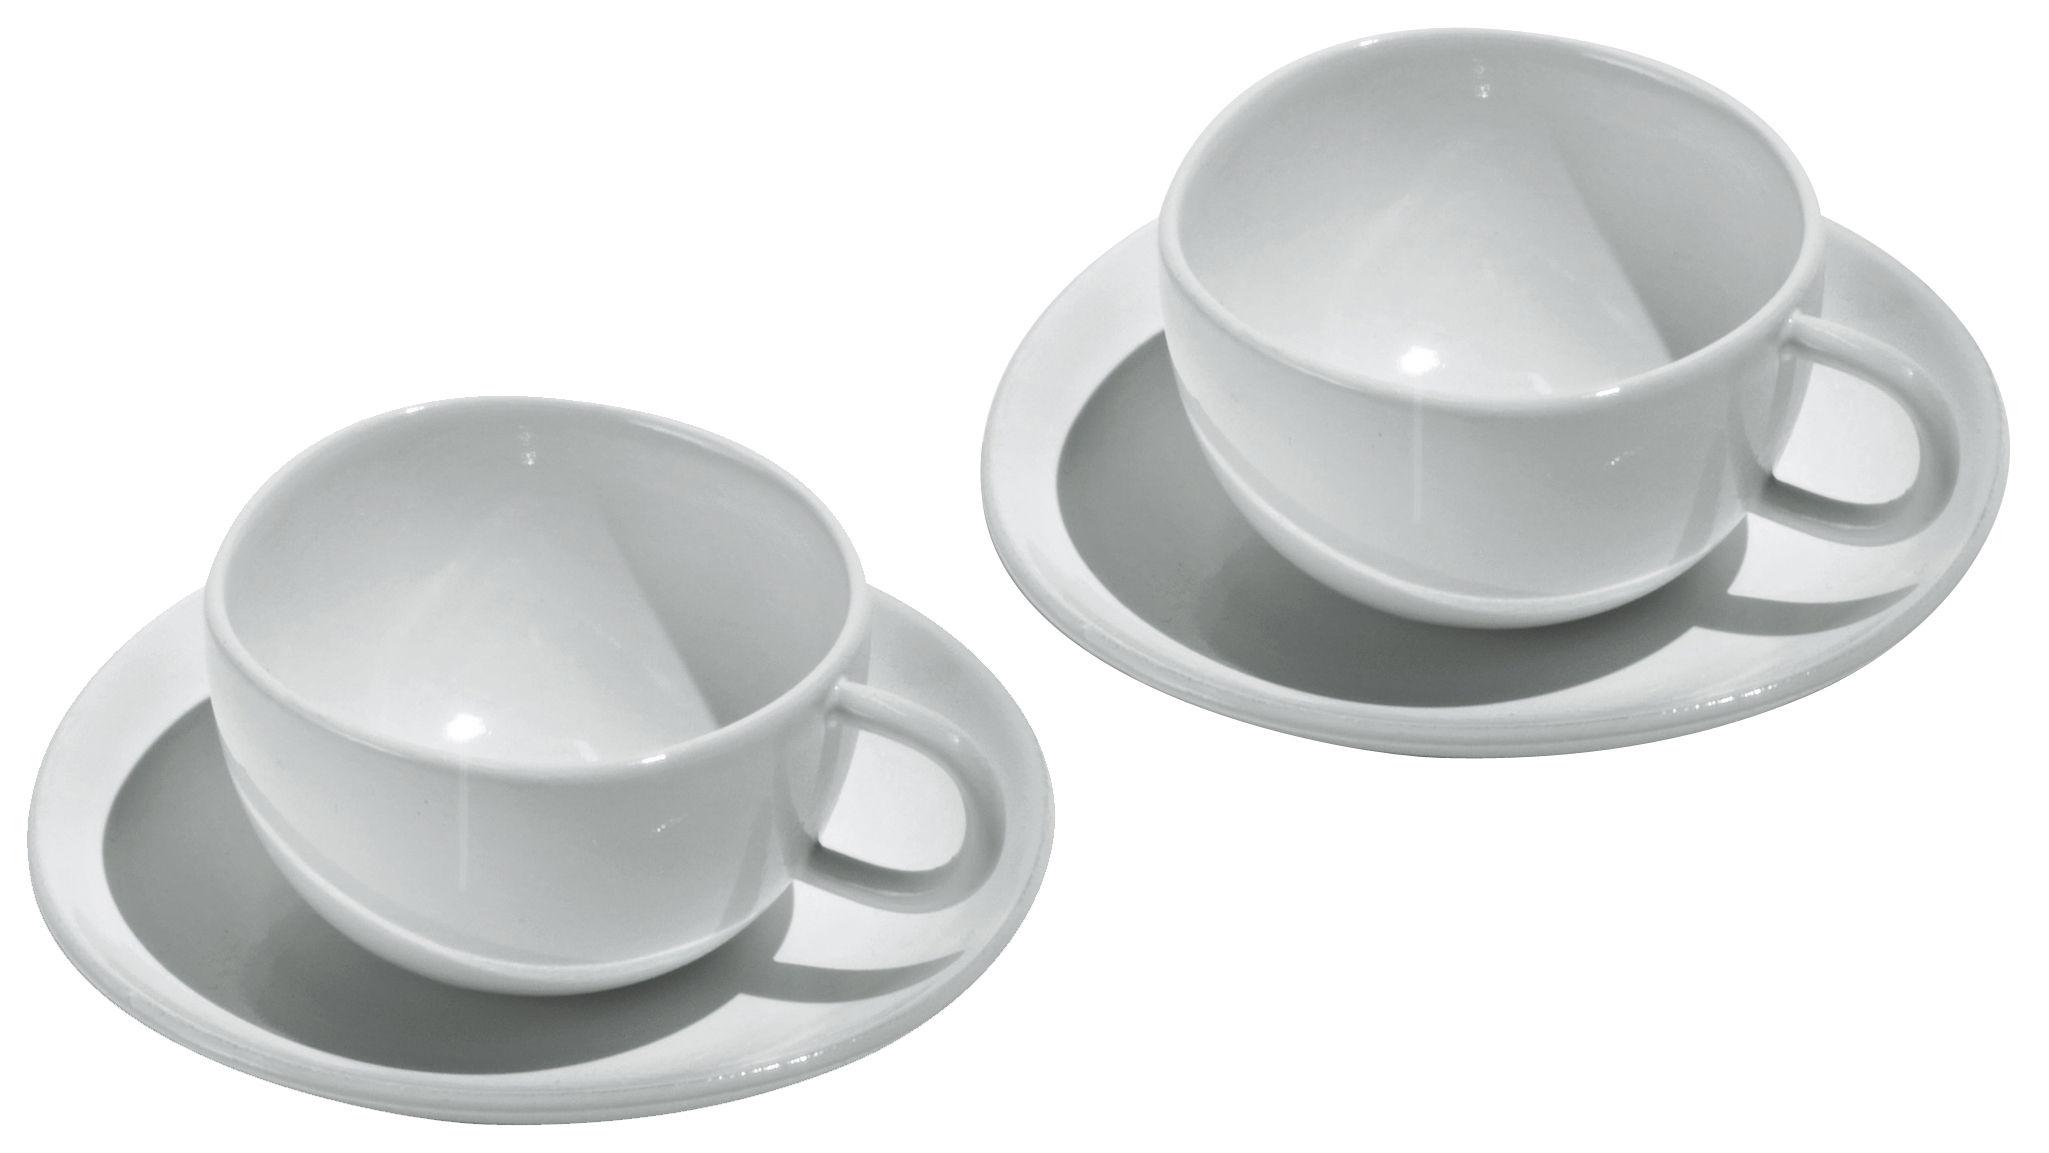 Tischkultur - Tassen und Becher - Fruit basket Espressotasse 2 Tassen mit 2 Untertassen - Alessi - Weiß - chinesisches Weich-Porzellan